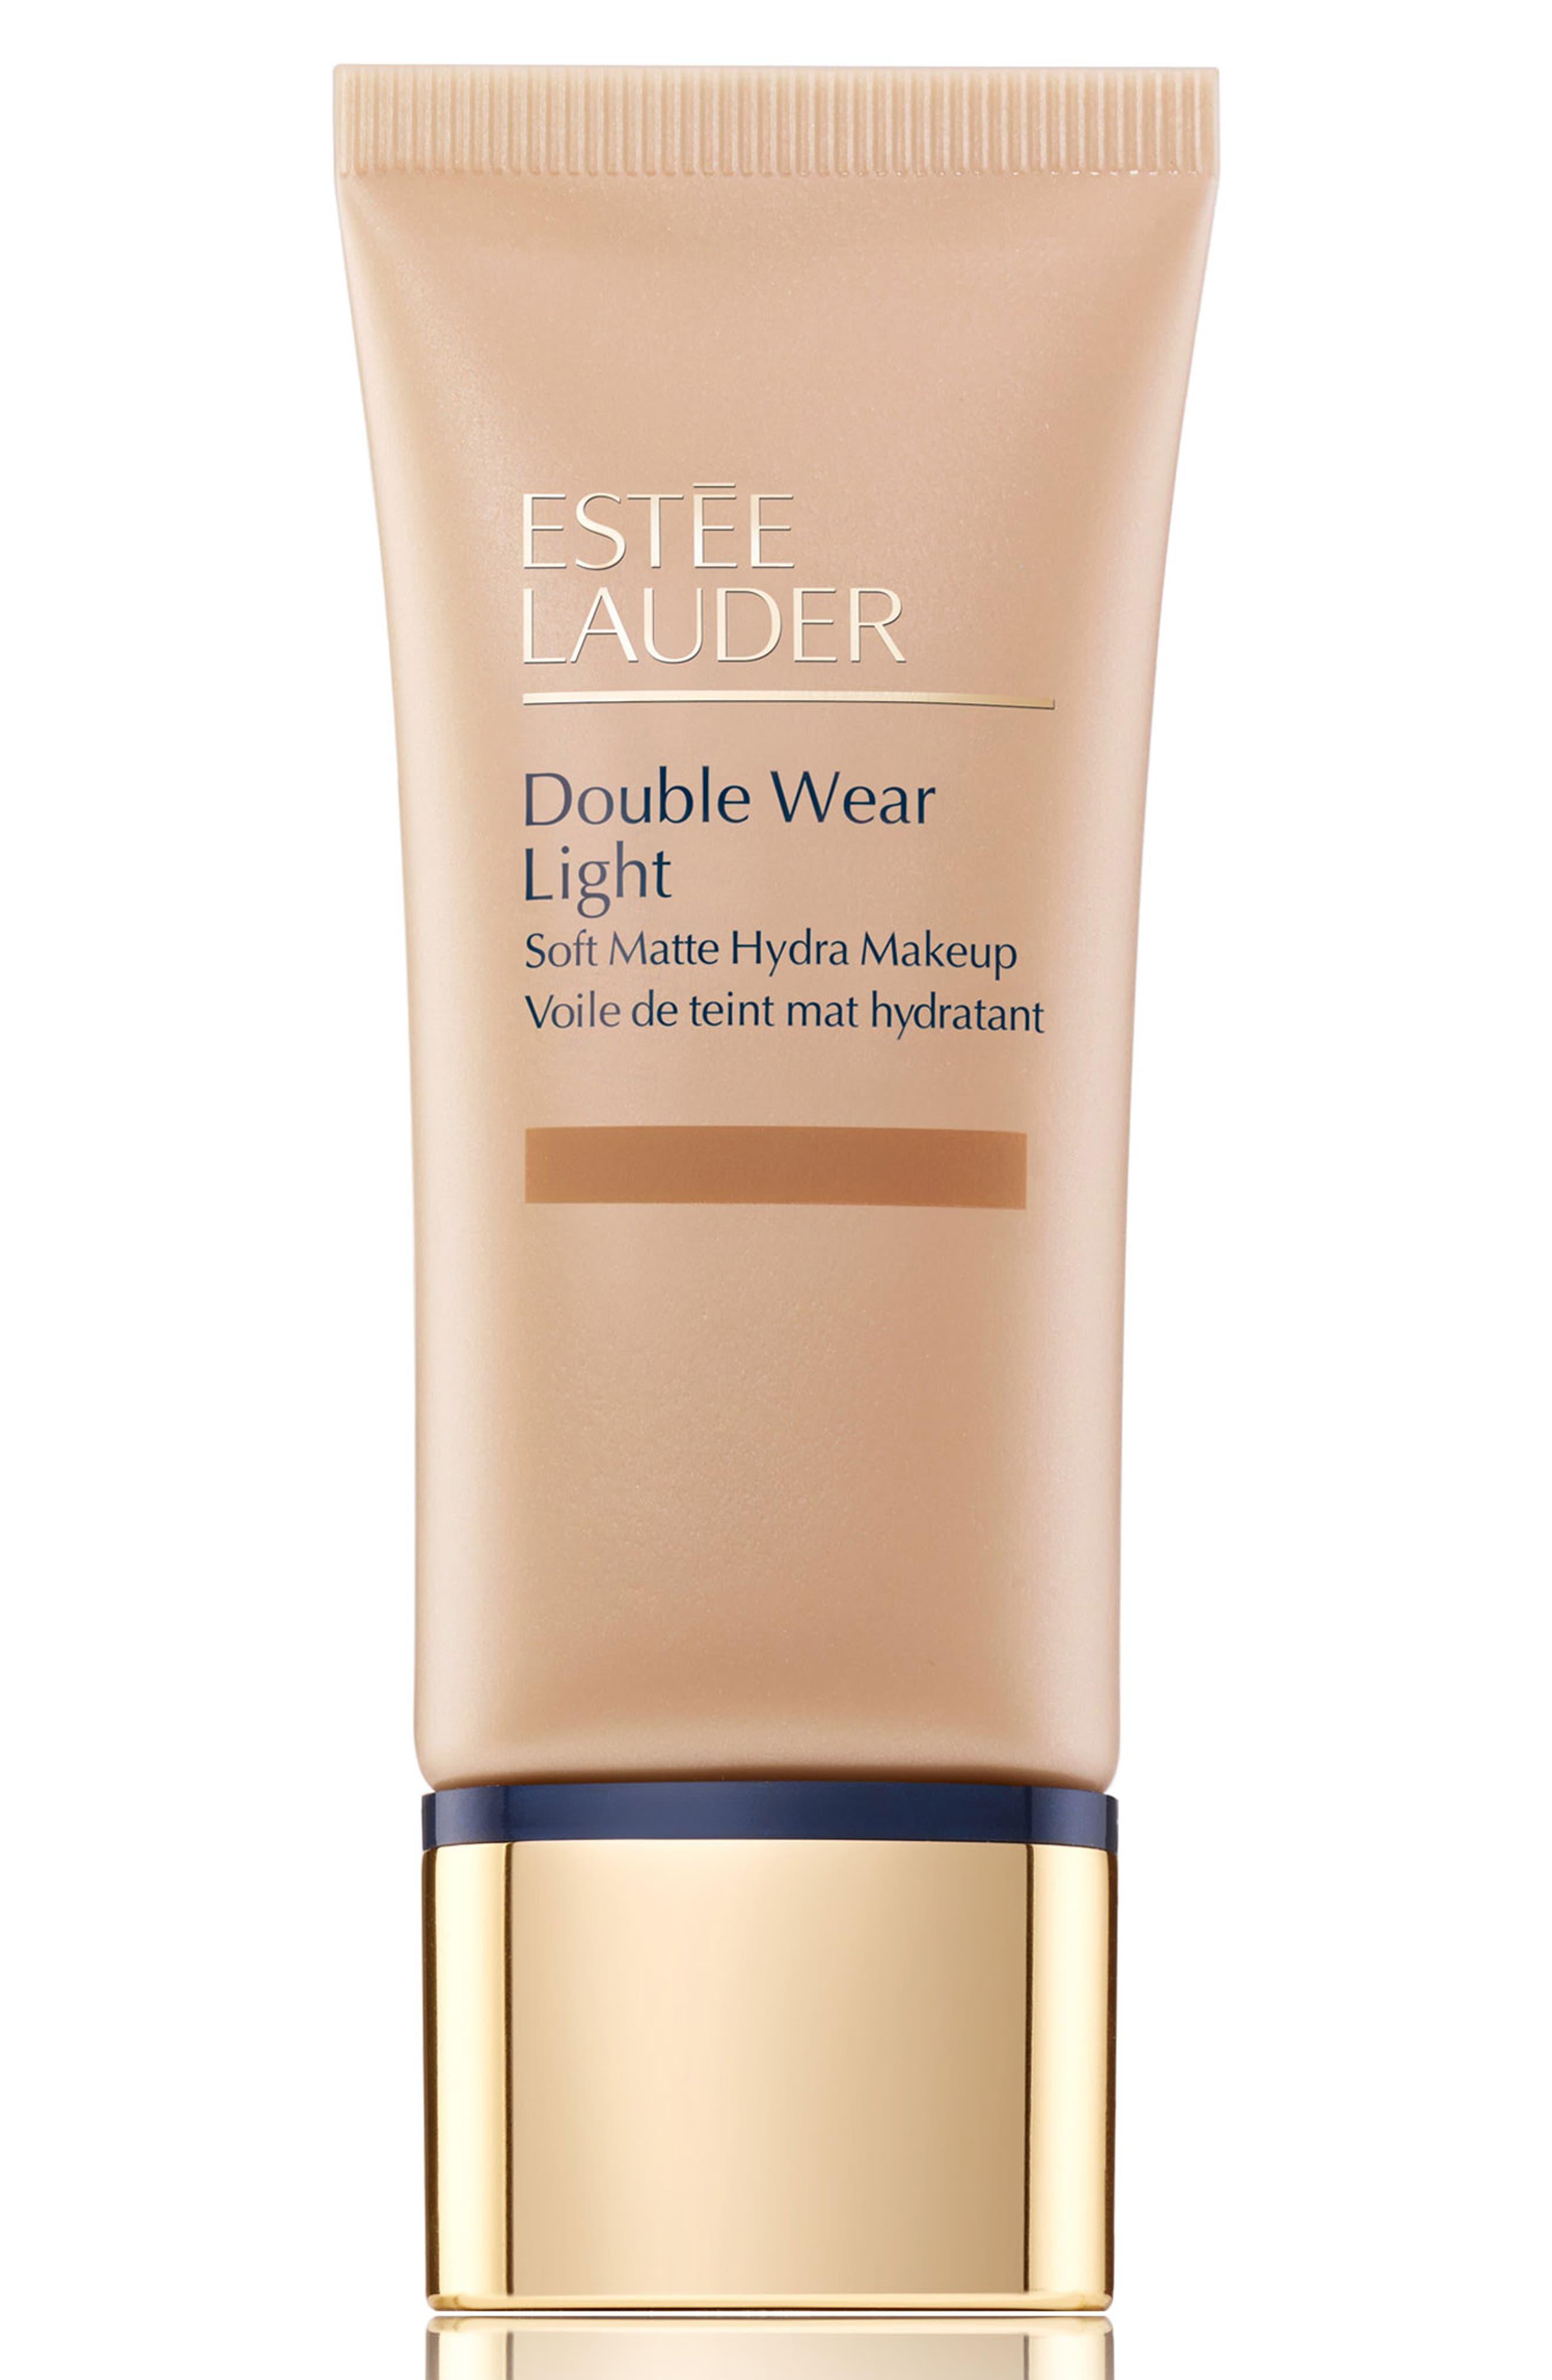 Estee Lauder Double Wear Light Soft Matte Hydra Makeup - 5W1 Bronze